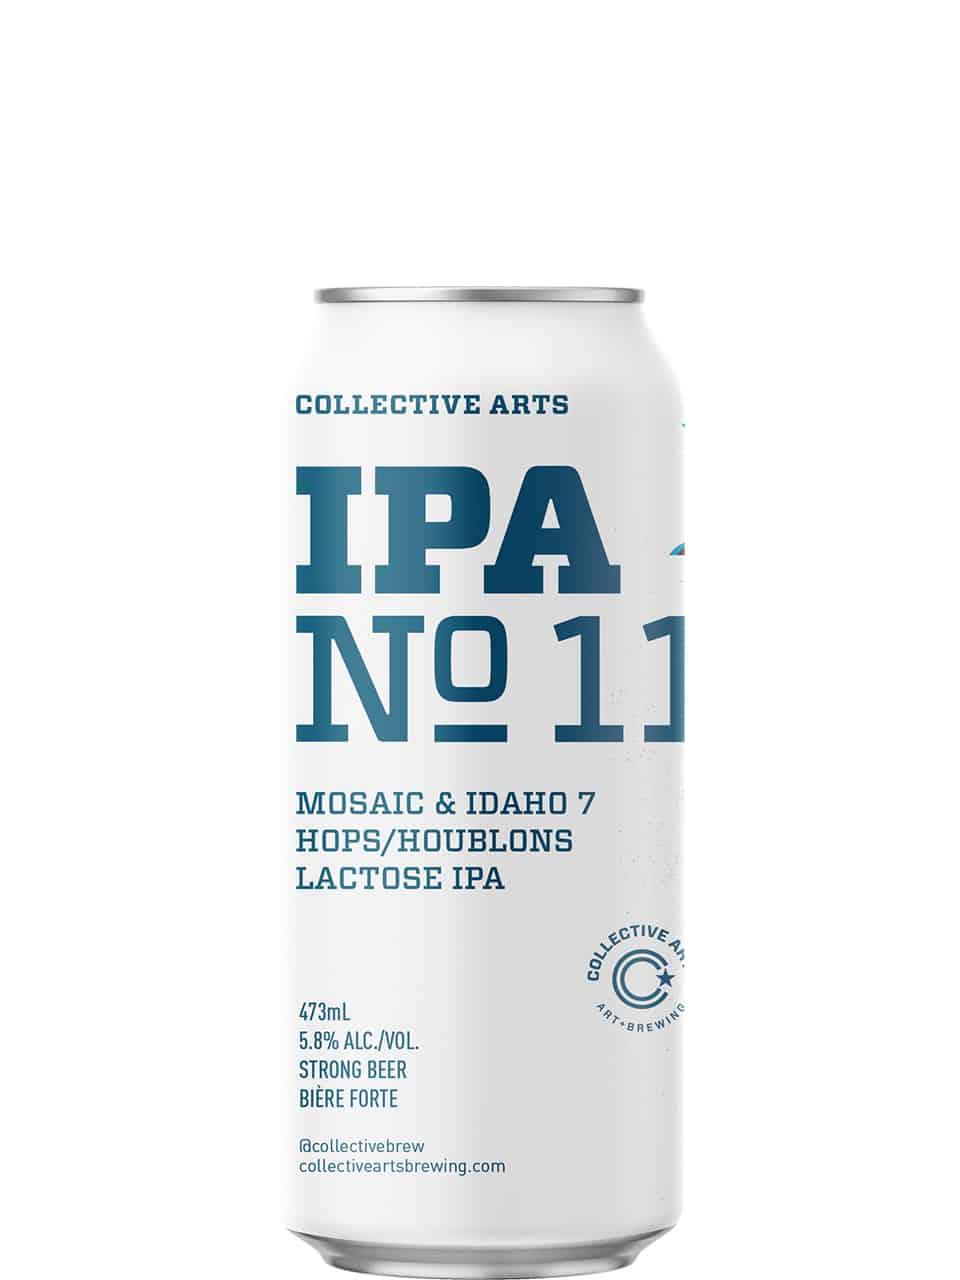 Collective Arts IPA No.11 Lactose IPA 473ml Can